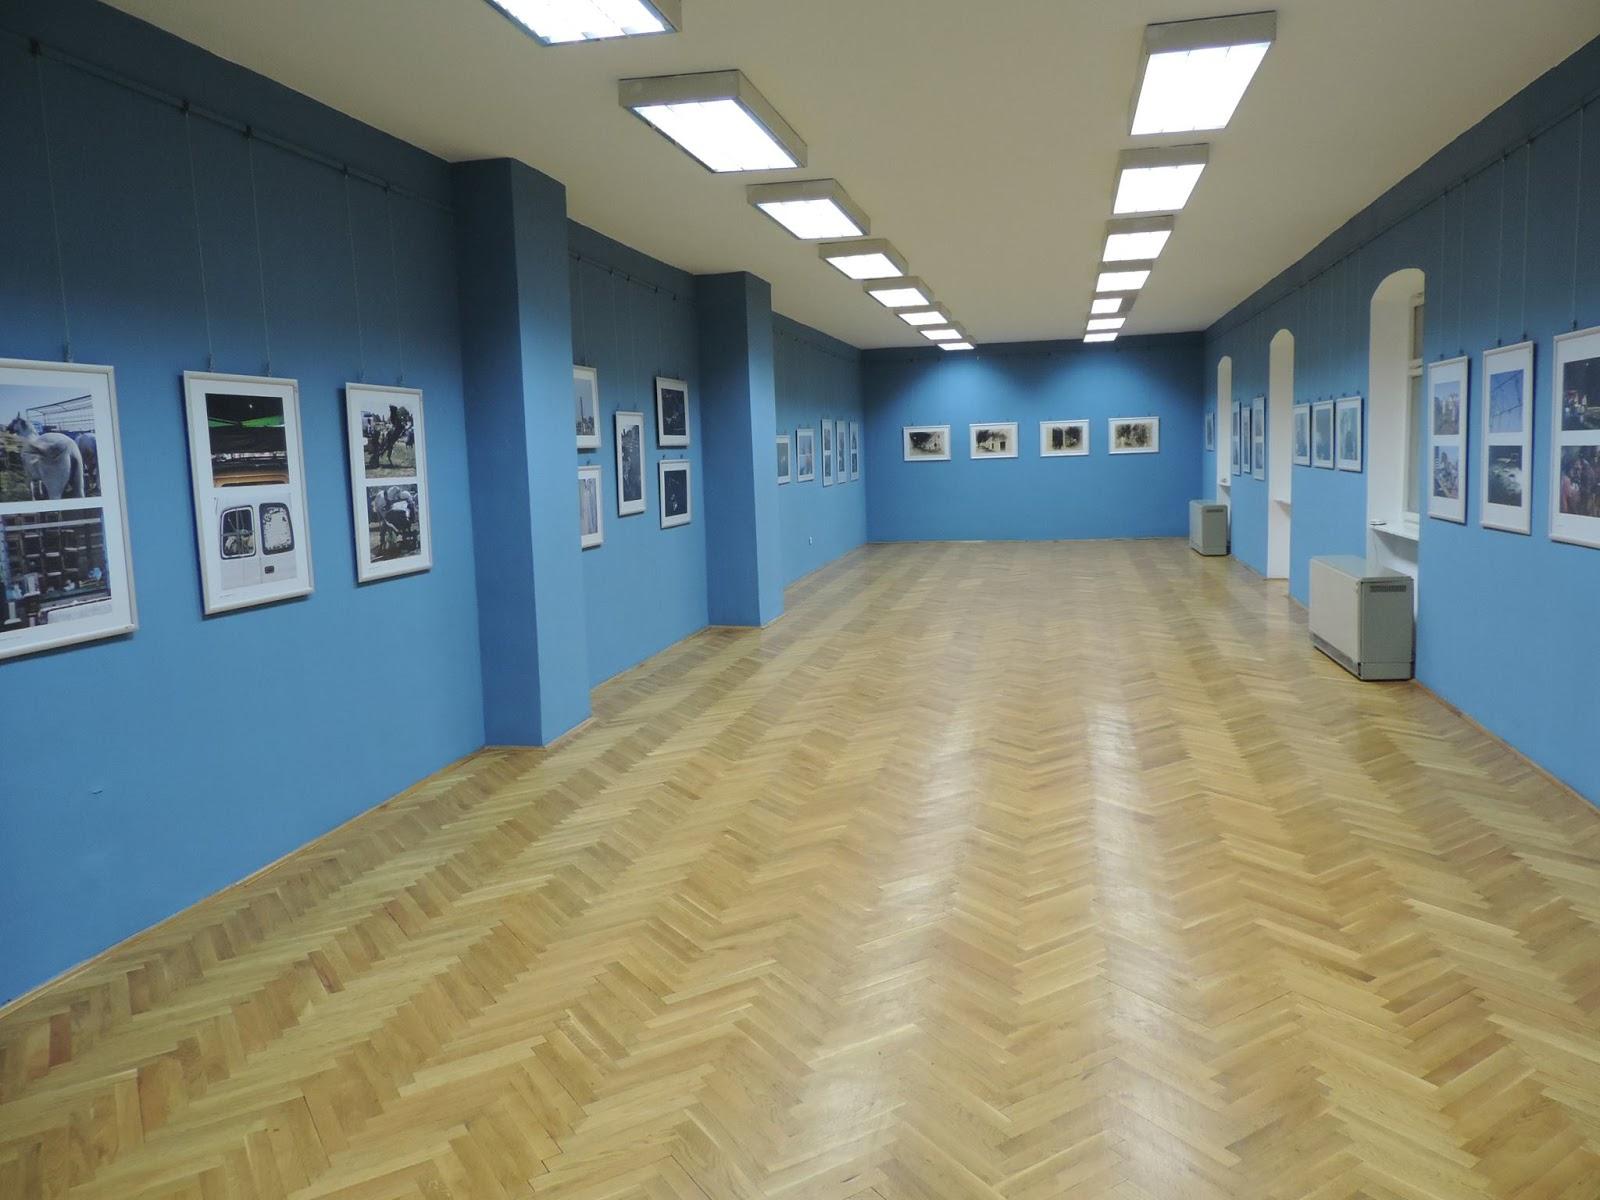 Најава: предавање у Завичајном музеју Руме о празнику Духови